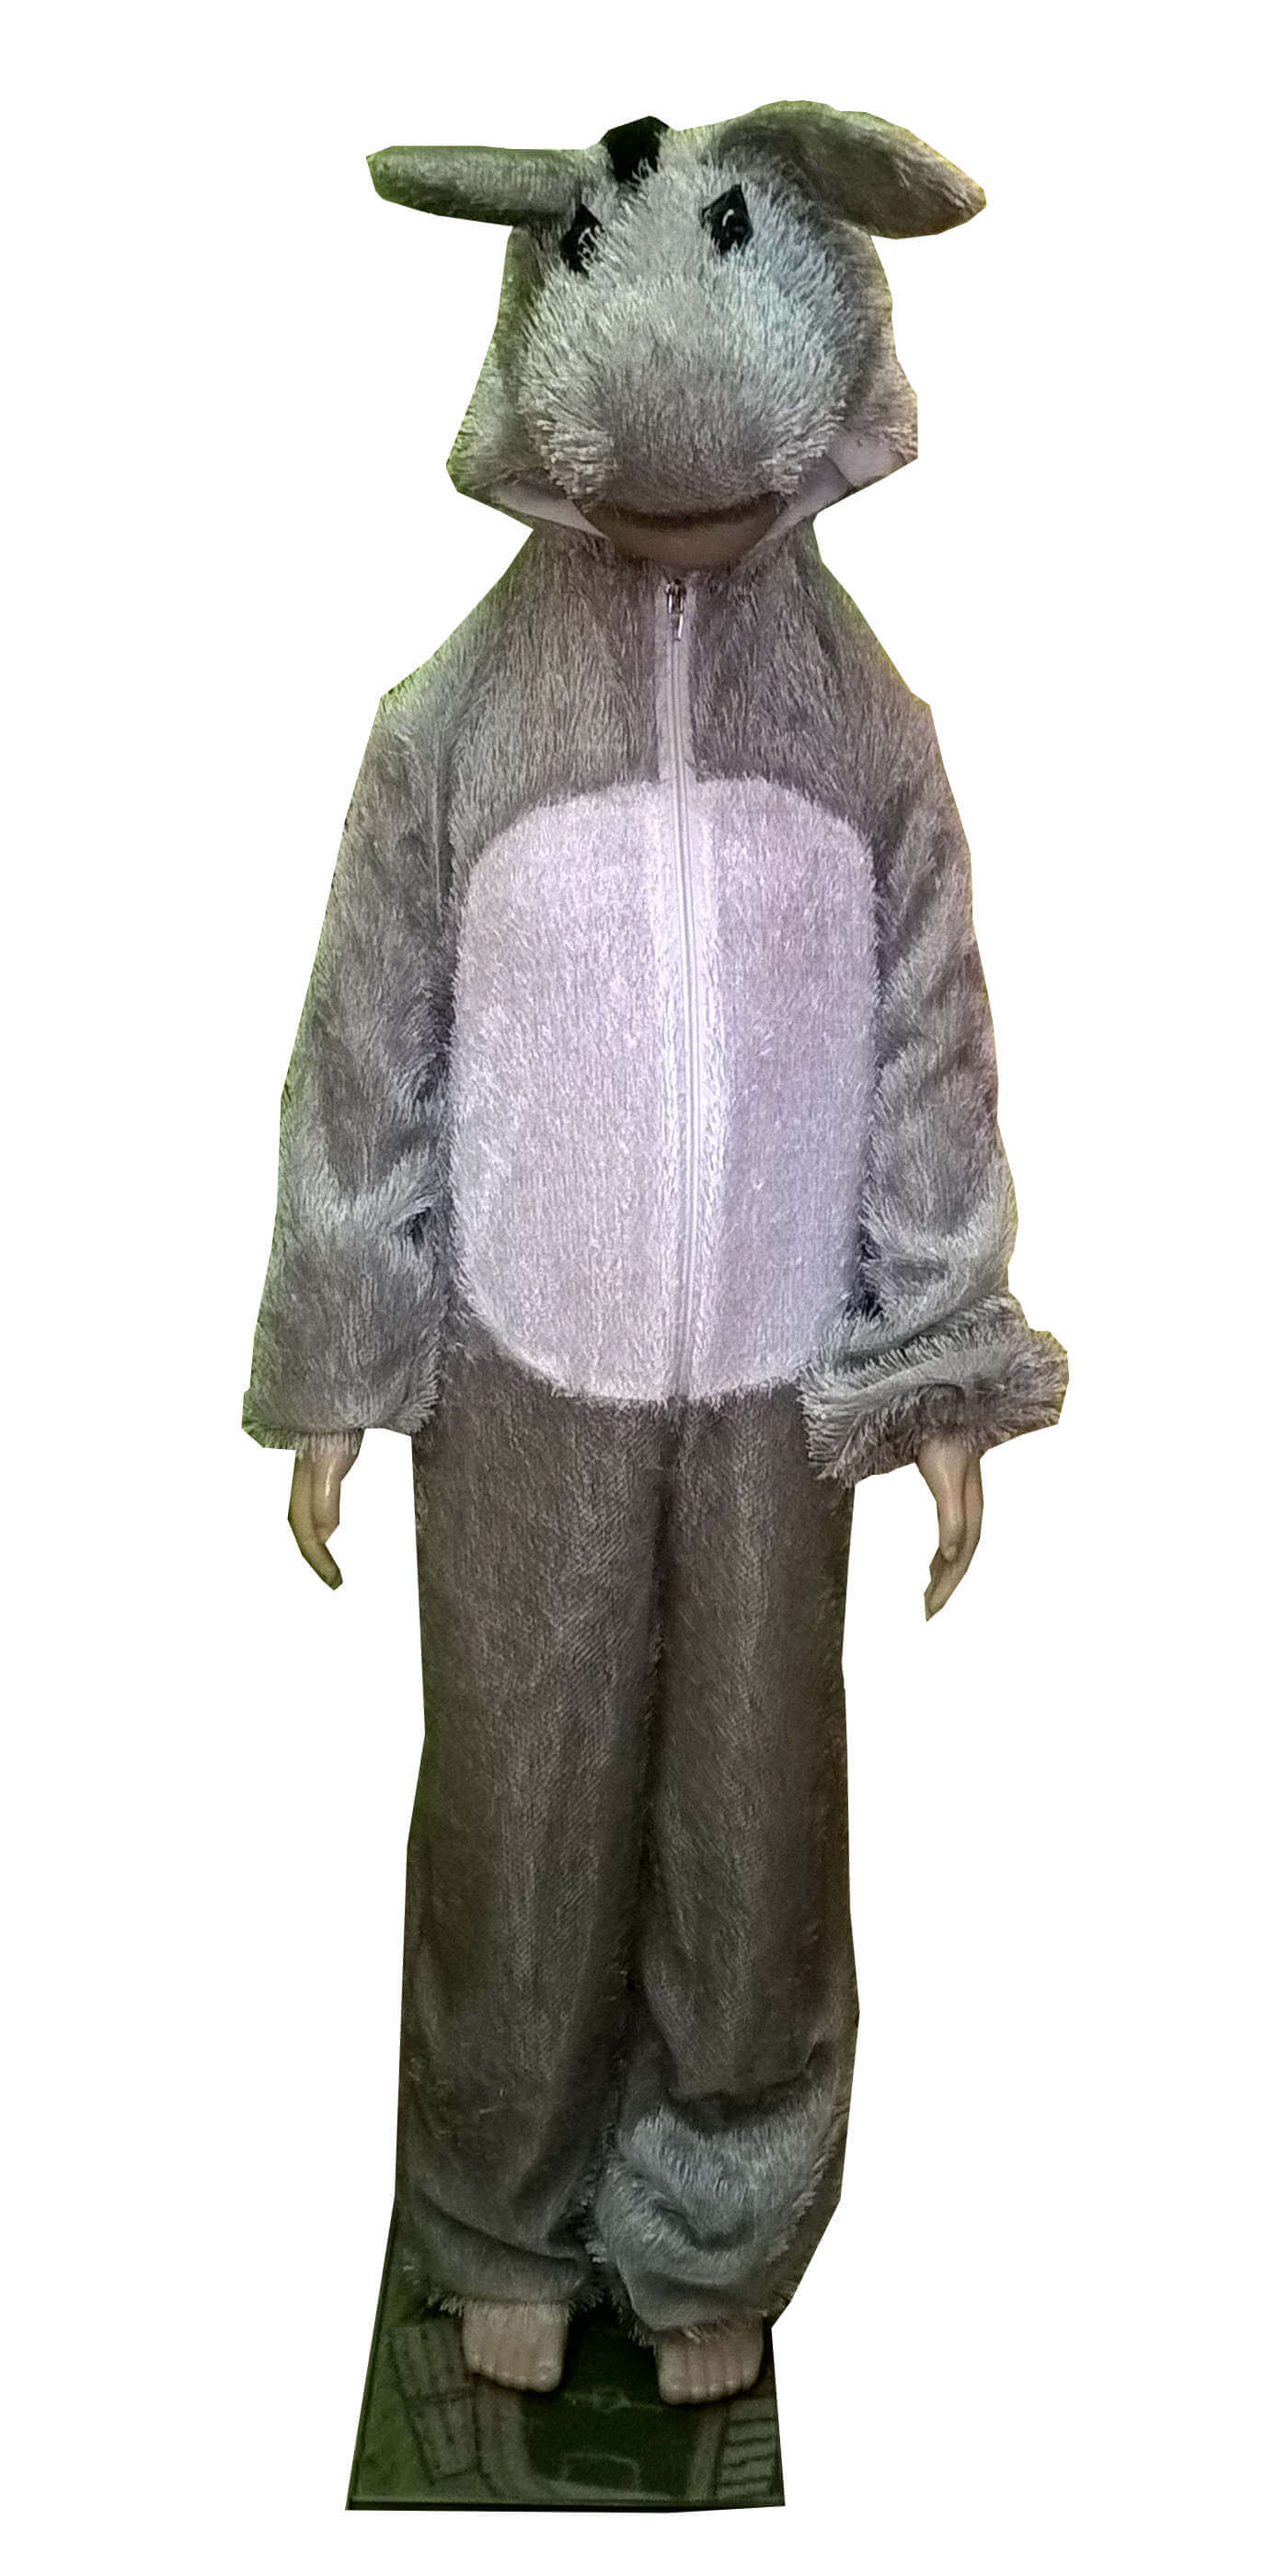 костюм осла. Asiliuko kostiumas. Gyvunų karnavaliniai kostiumai. Karnavaliniu kostiumu nuoma vaikams Vilniuje - pasakunamai.lt